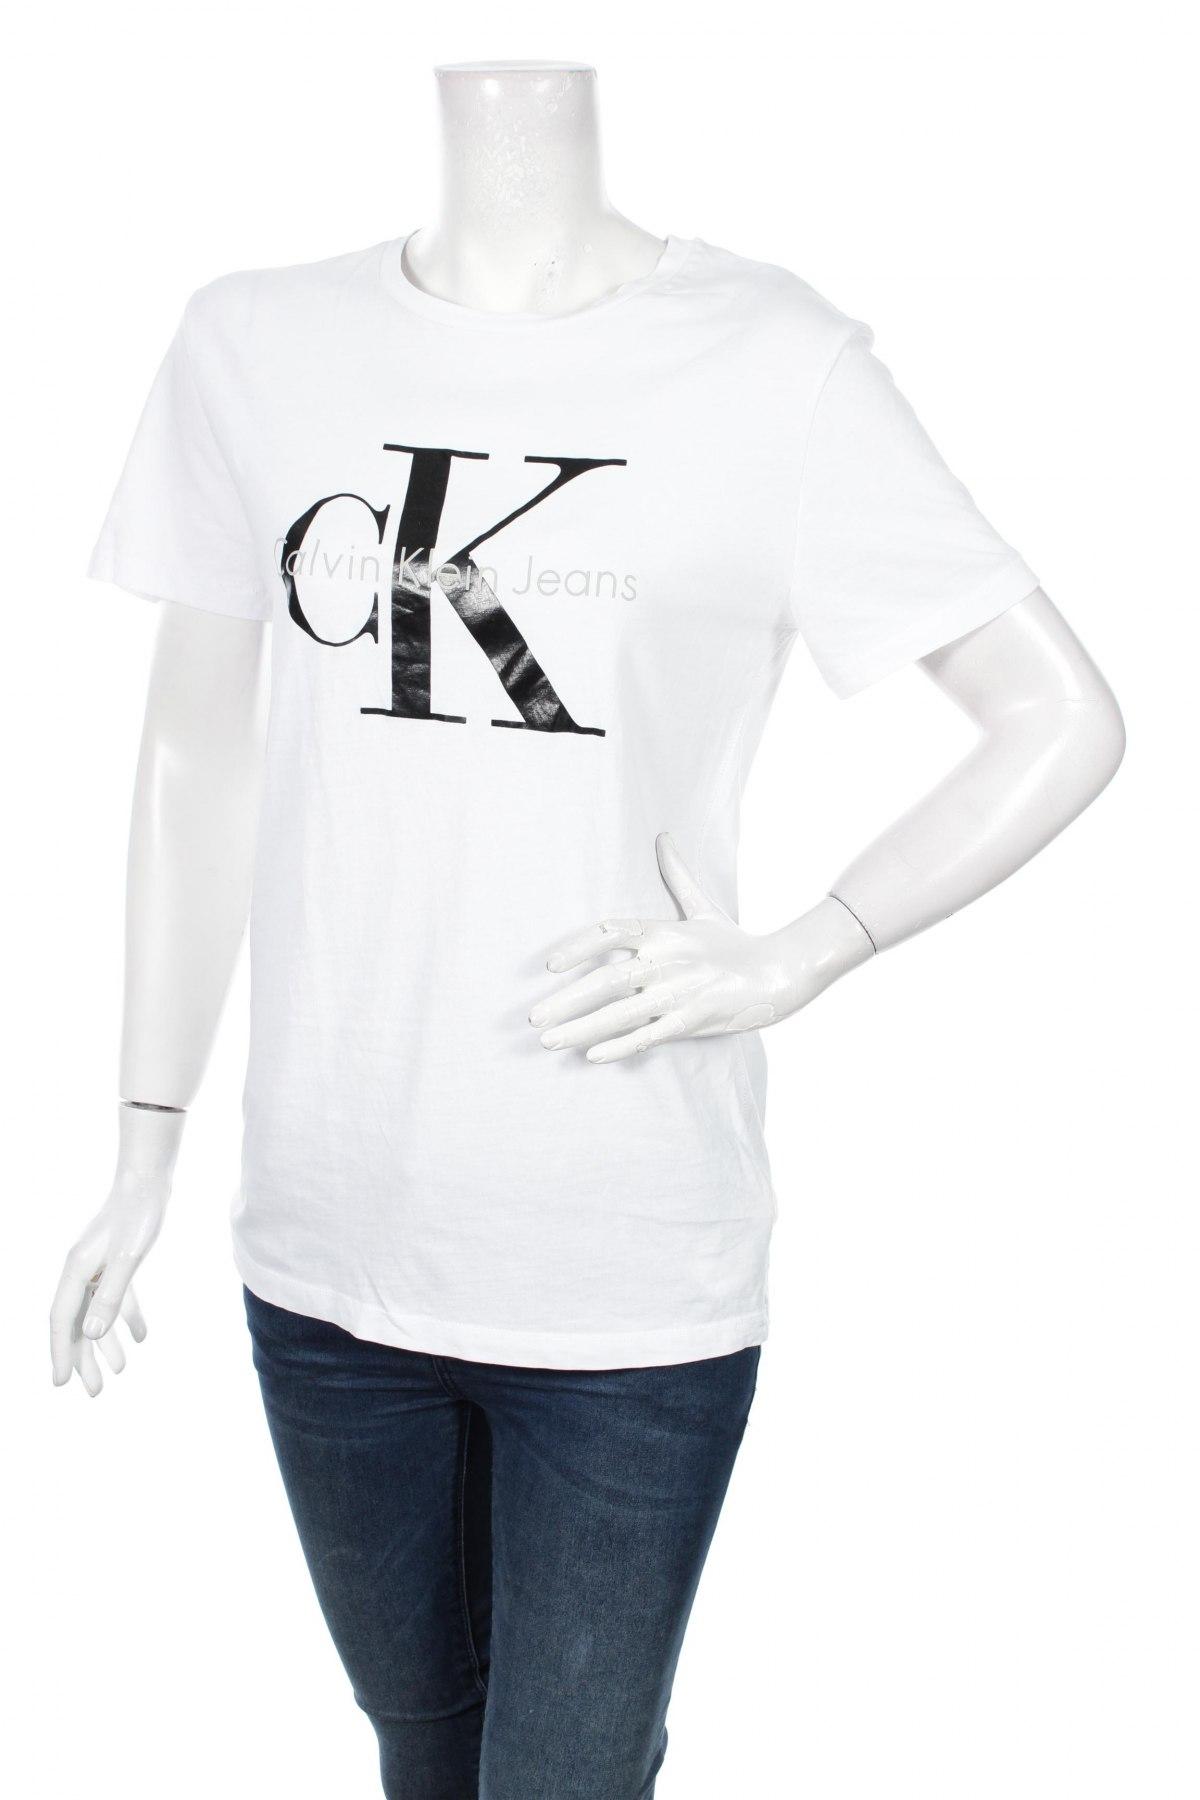 4e28148097 Női póló Calvin Klein - kedvező áron Remixben - #101812033